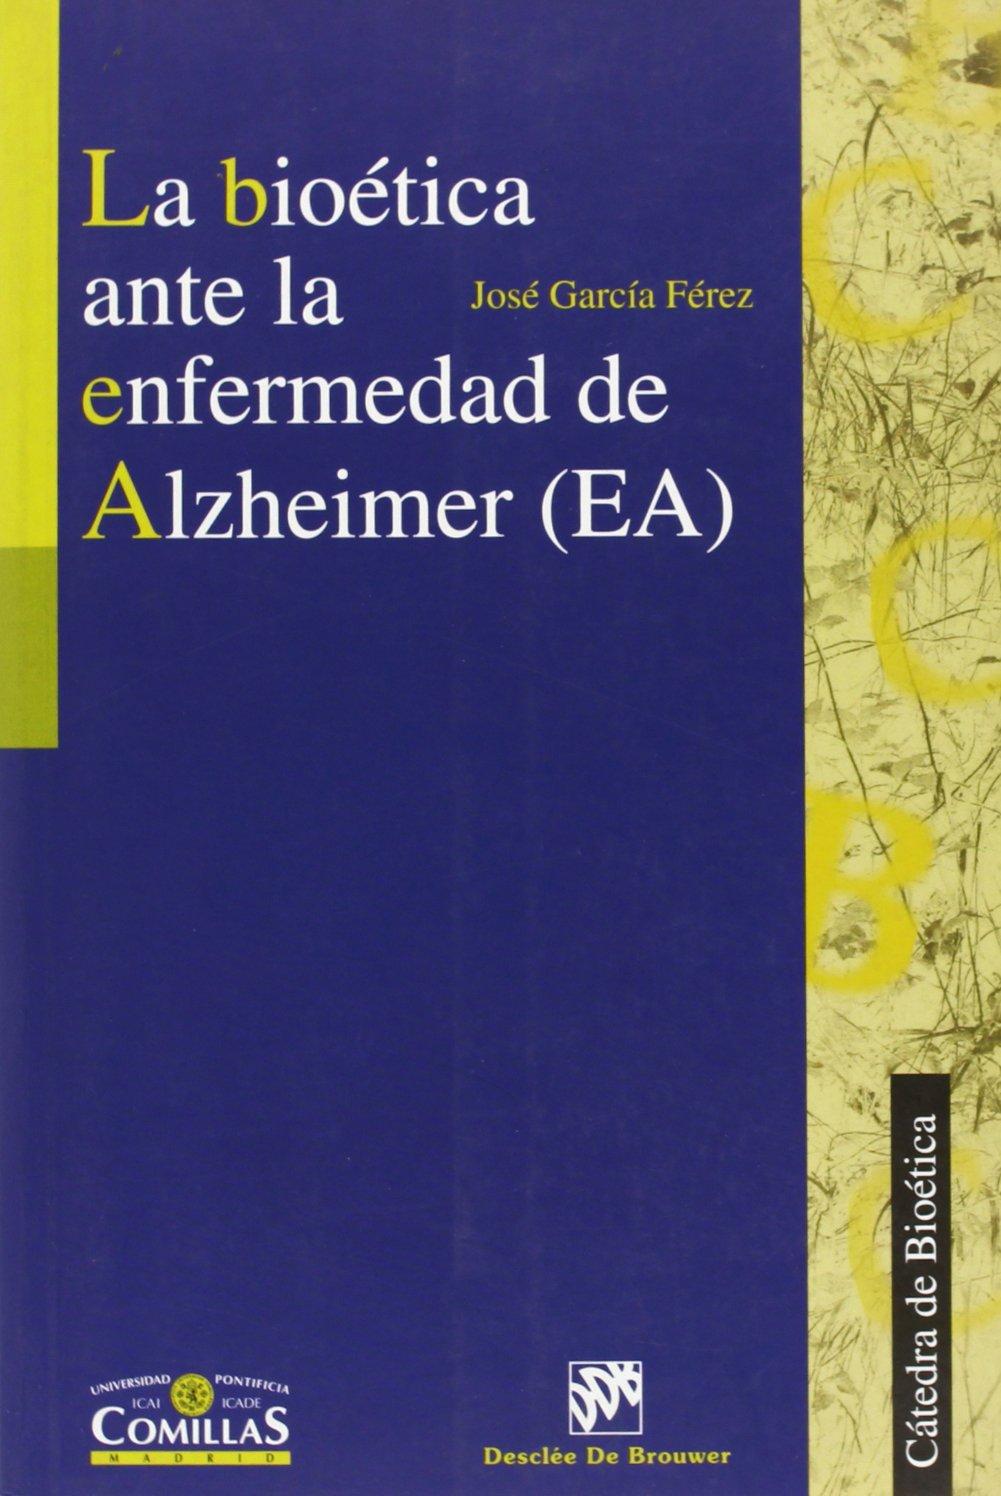 La bioética ante la enfermedad de alzheimer Cátedra de Bioética: Amazon.es: José García Ferez: Libros